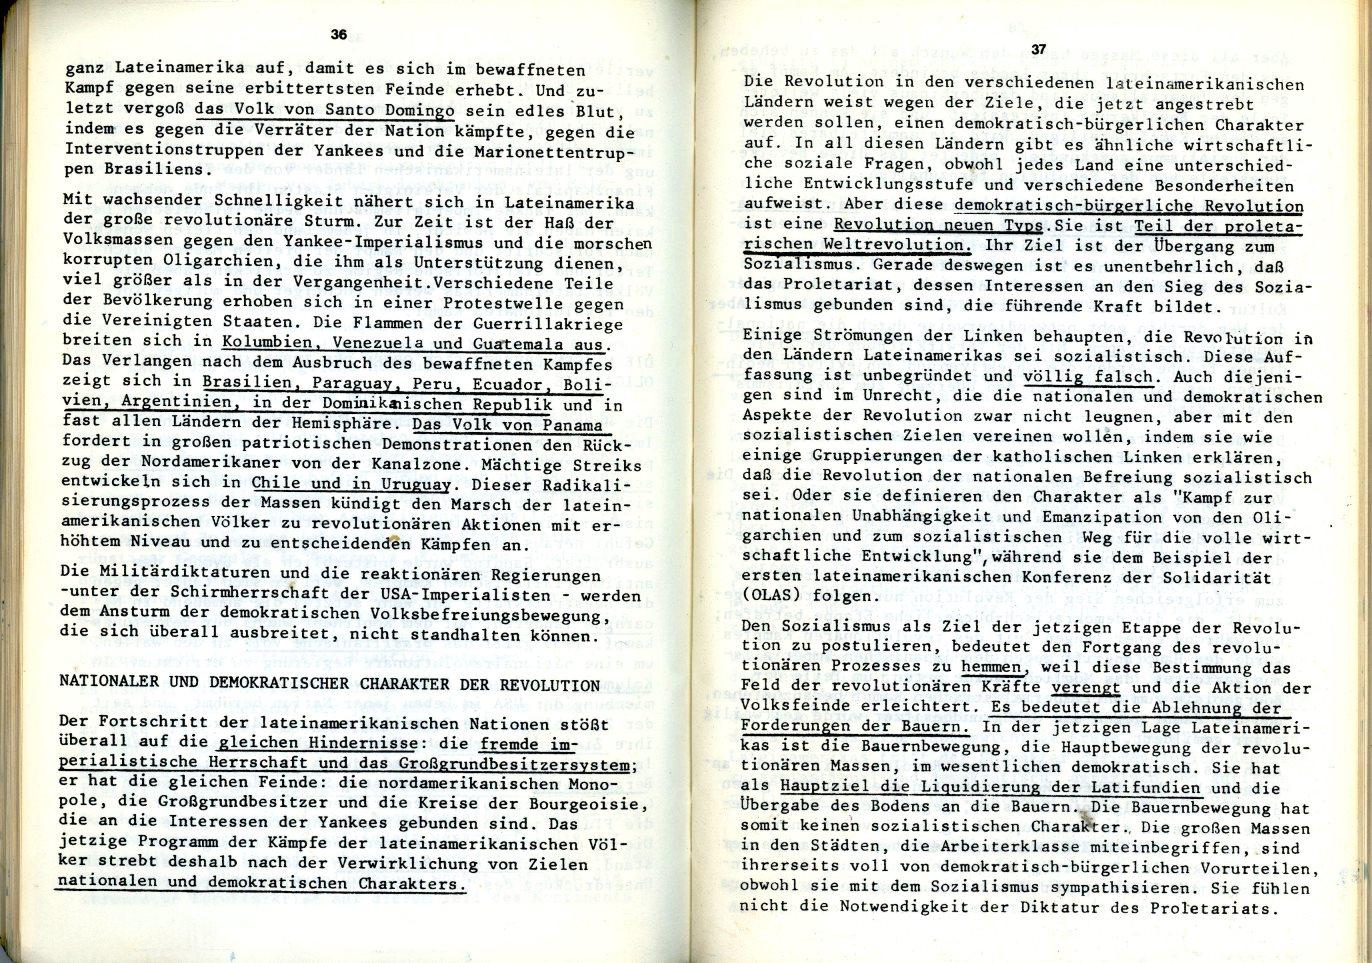 MLSK_Theorie_und_Praxis_des_ML_1978_20_27